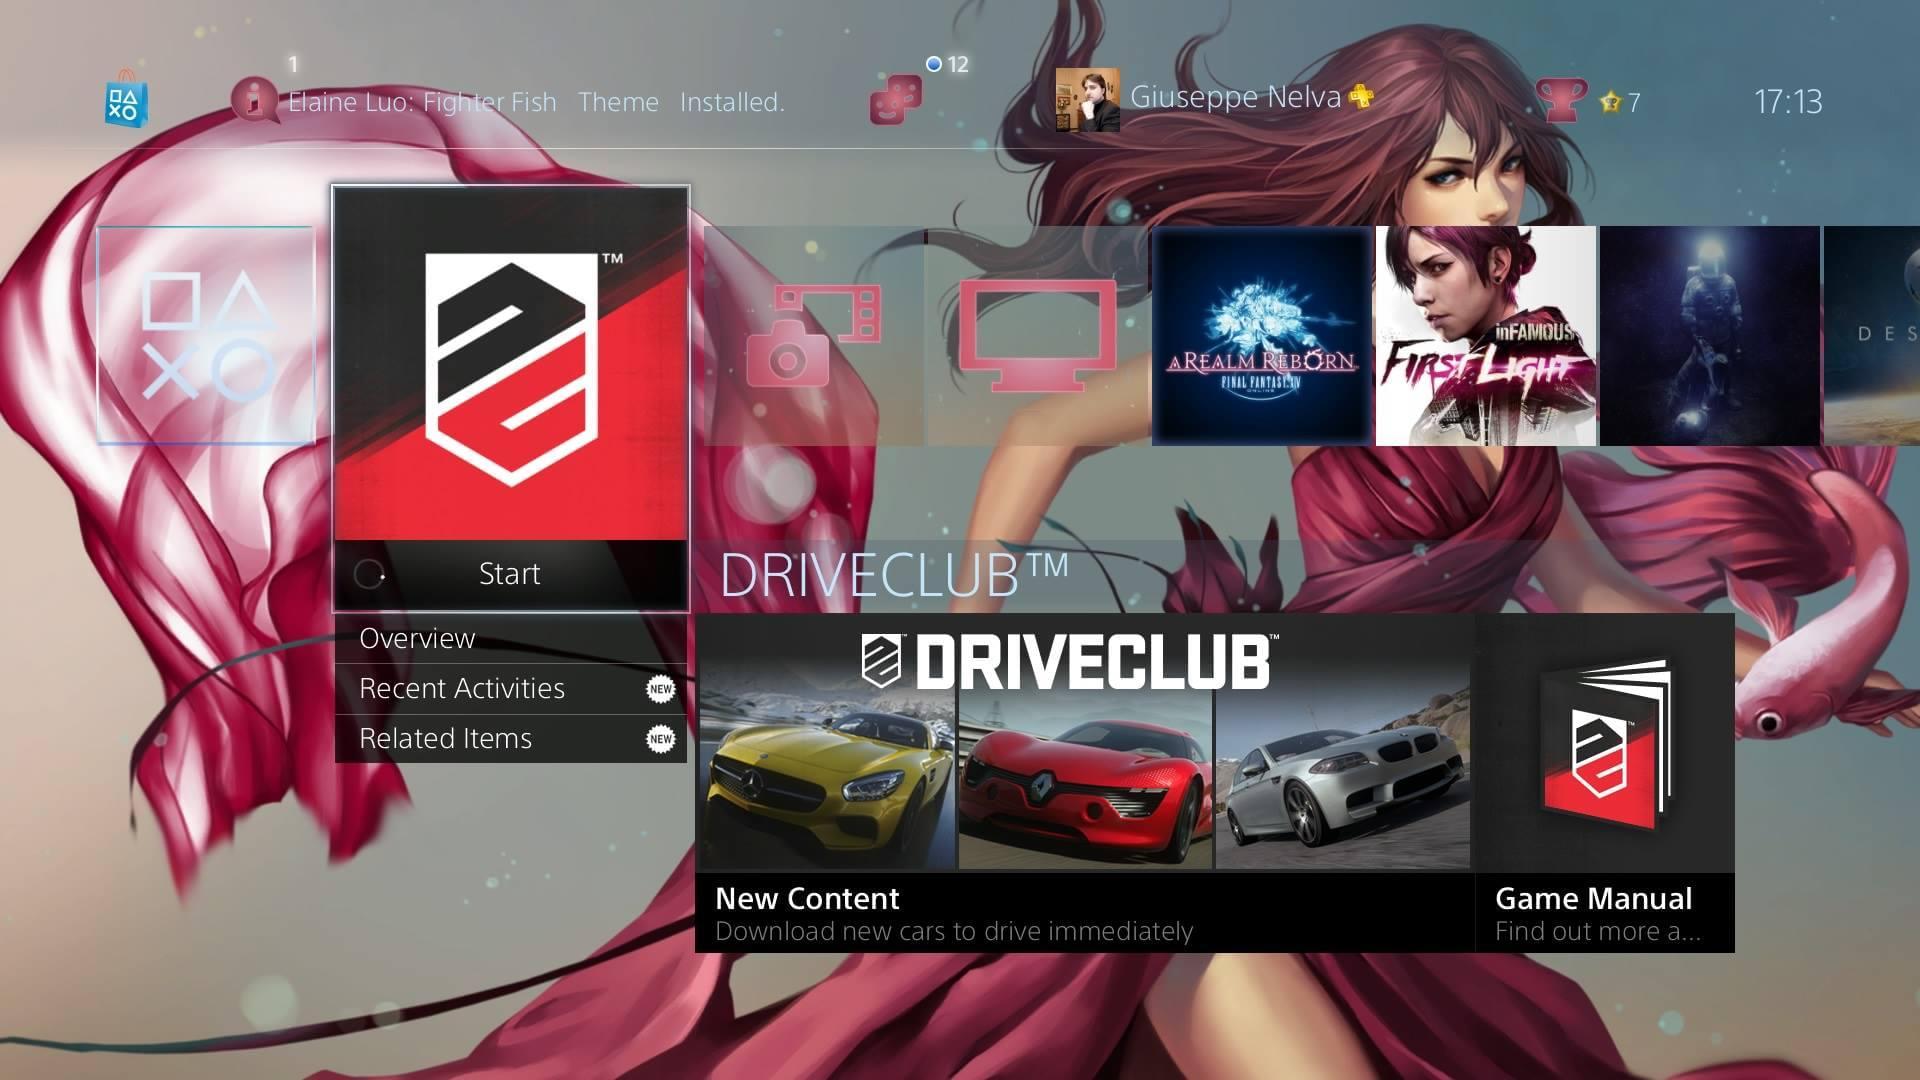 PlayStation 4 recebe 14 novos temas dinâmicos e estáticos [galeria]